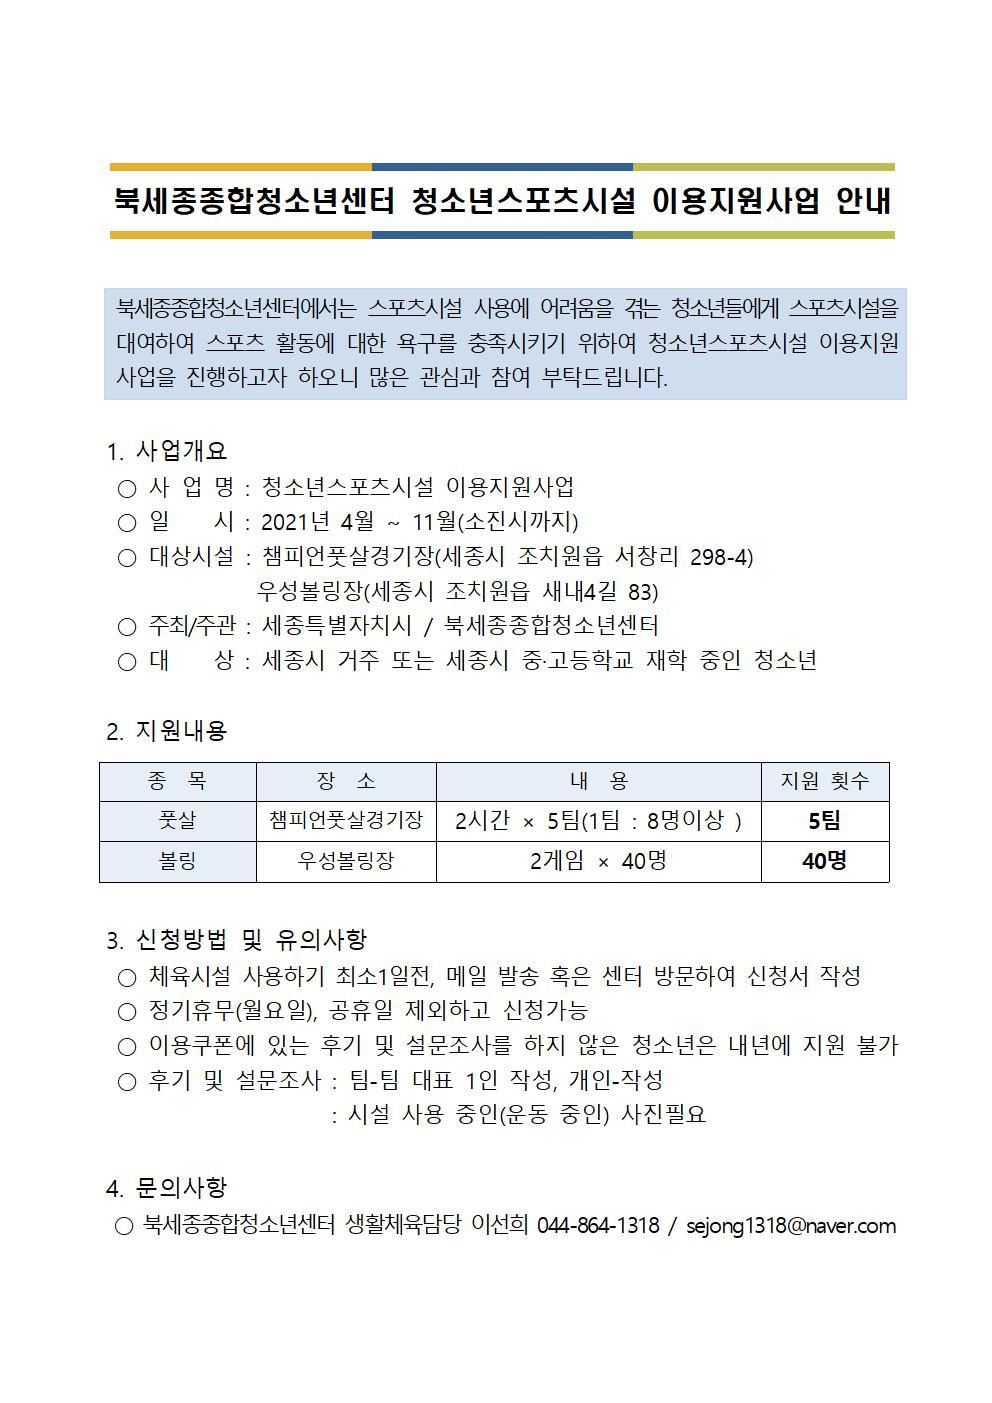 2021 청소년스포츠시설 이용지원사업 안내문.jpg